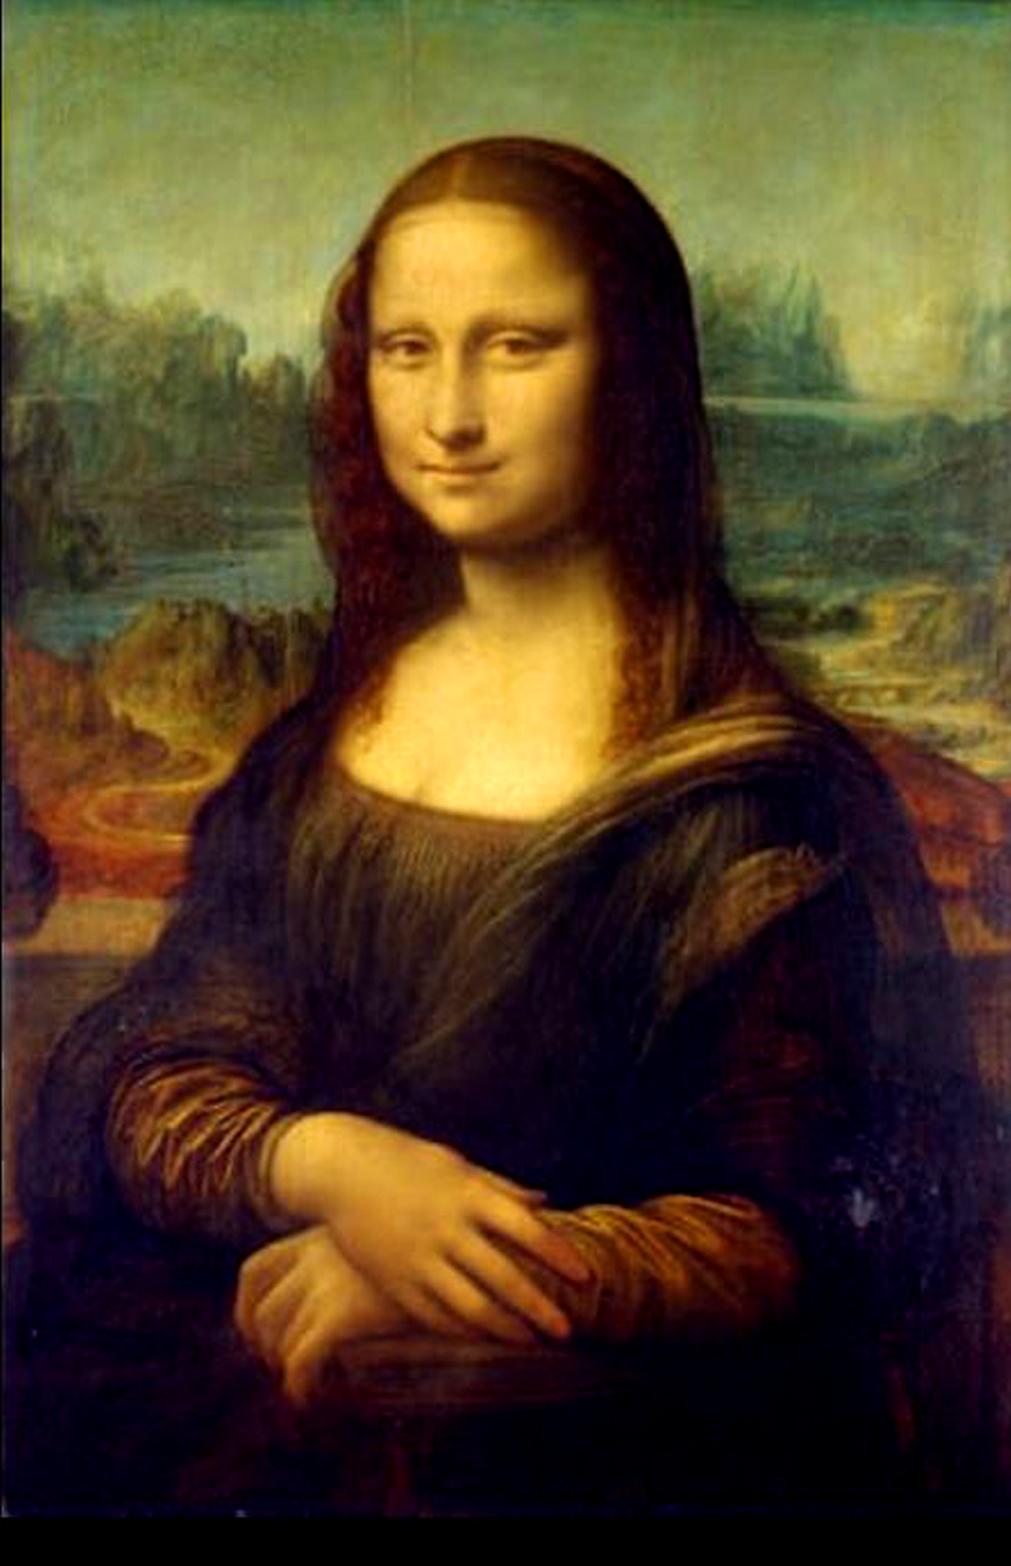 Da Vinci's Mona Lisa. Image Credit: Alamy, 2019.